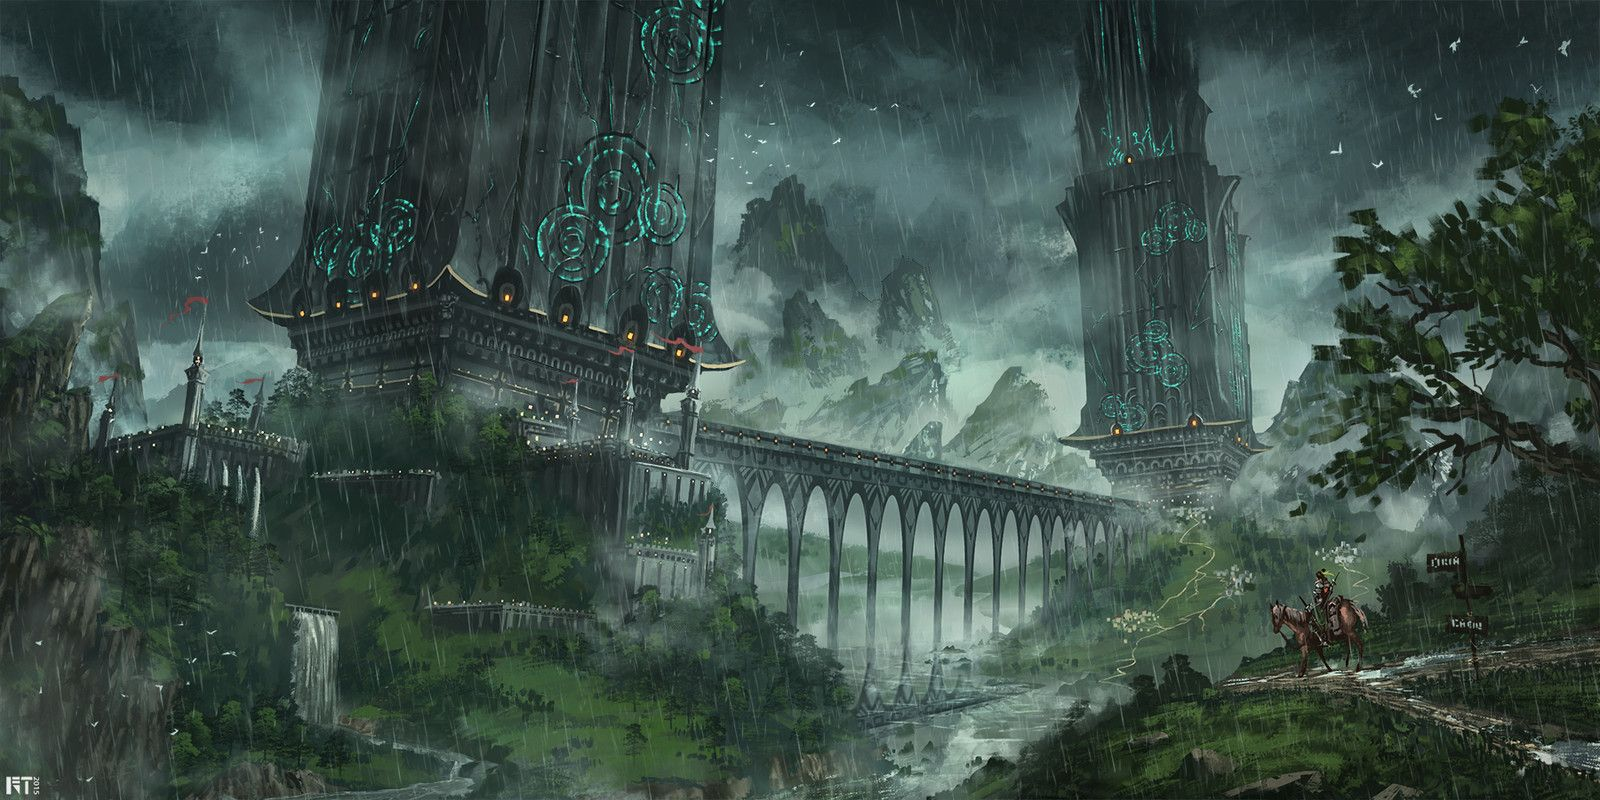 Rainy Mood, Robin Tran on ArtStation at https://www.artstation.com/artwork/JDB9d